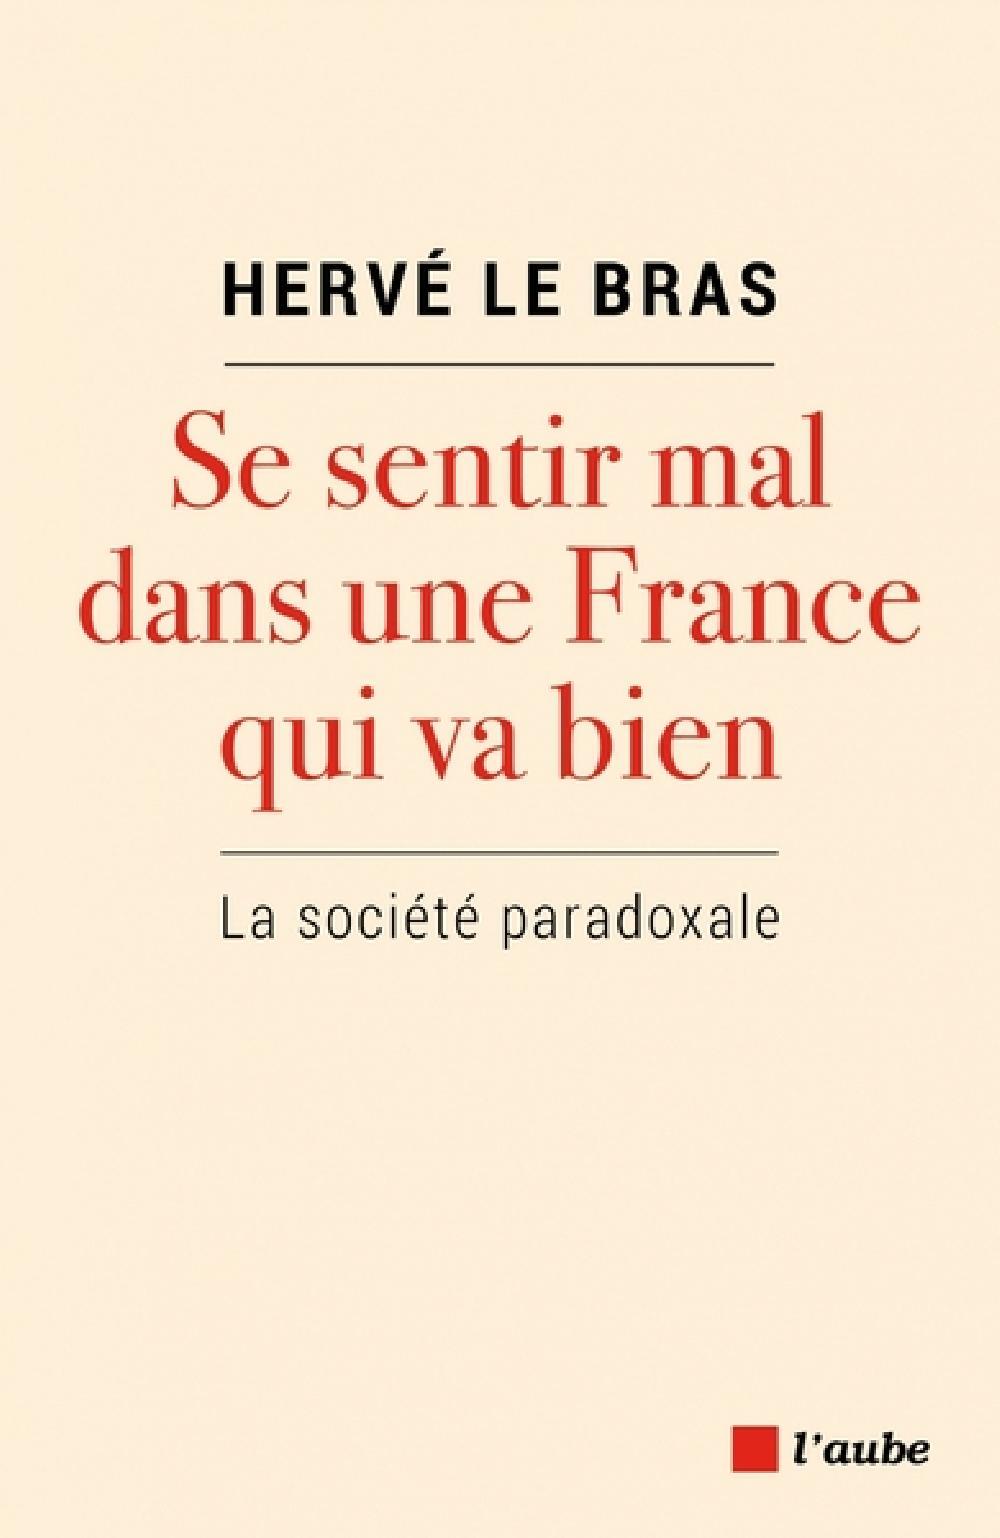 Se sentir mal dans une France qui va bien - La société paradoxale